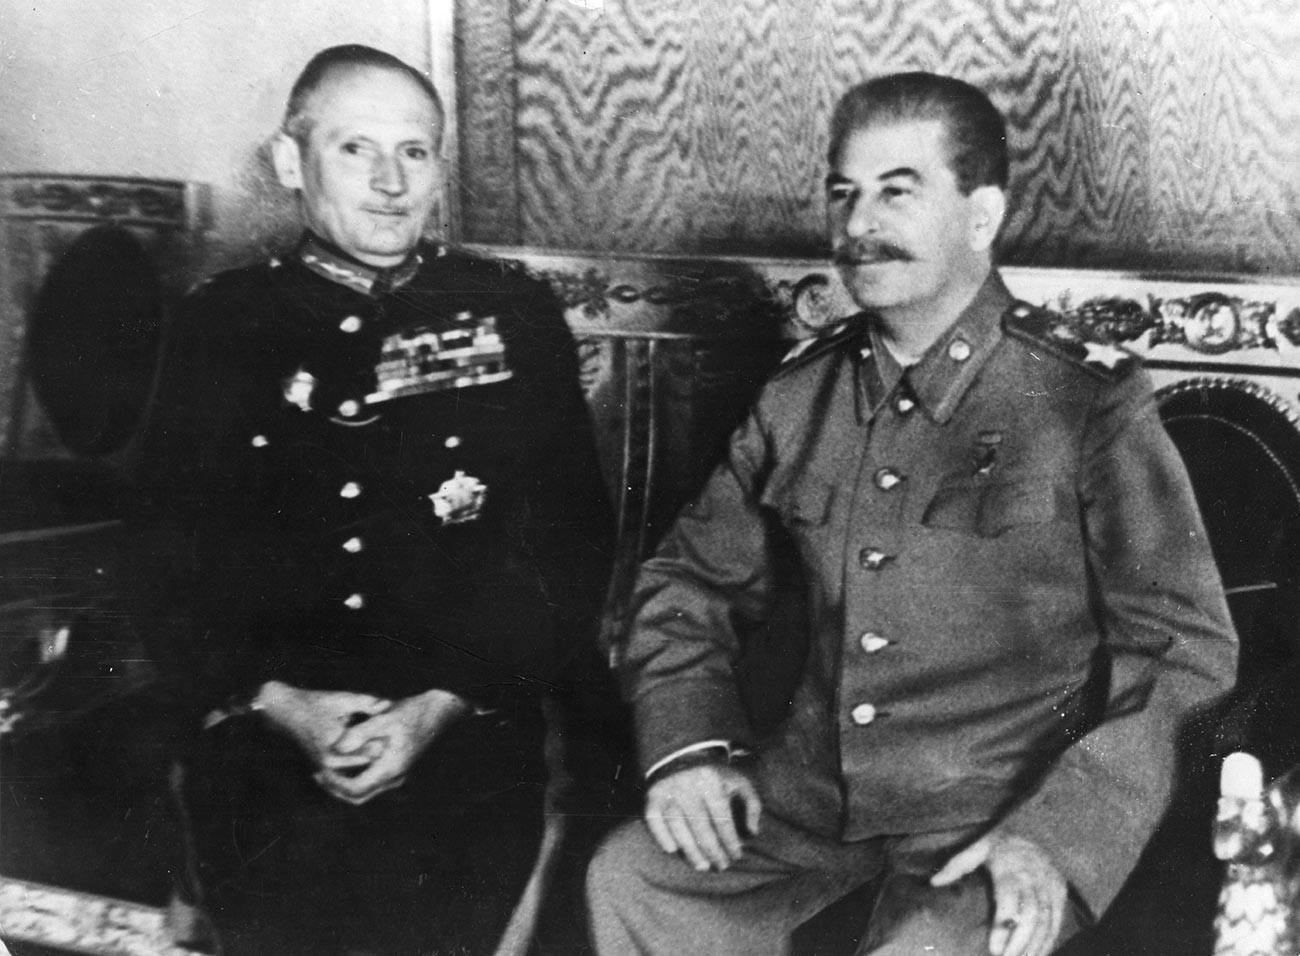 Britanski maršal Bernard L. Montgomery (s svojim redom zmage) in Josif Stalin